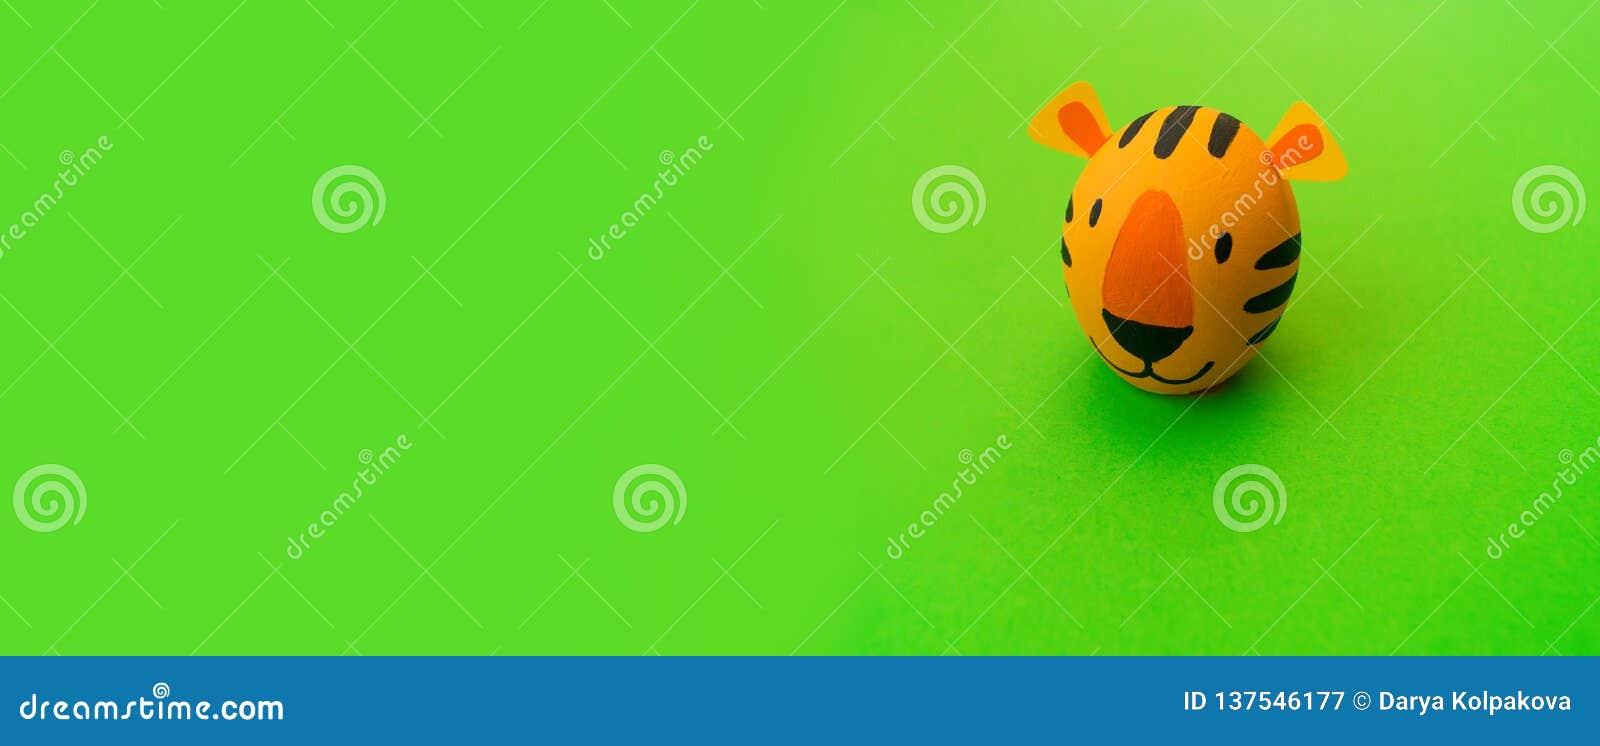 Концепция праздника пасхи с милыми handmade яйцами: оранжевый тигр